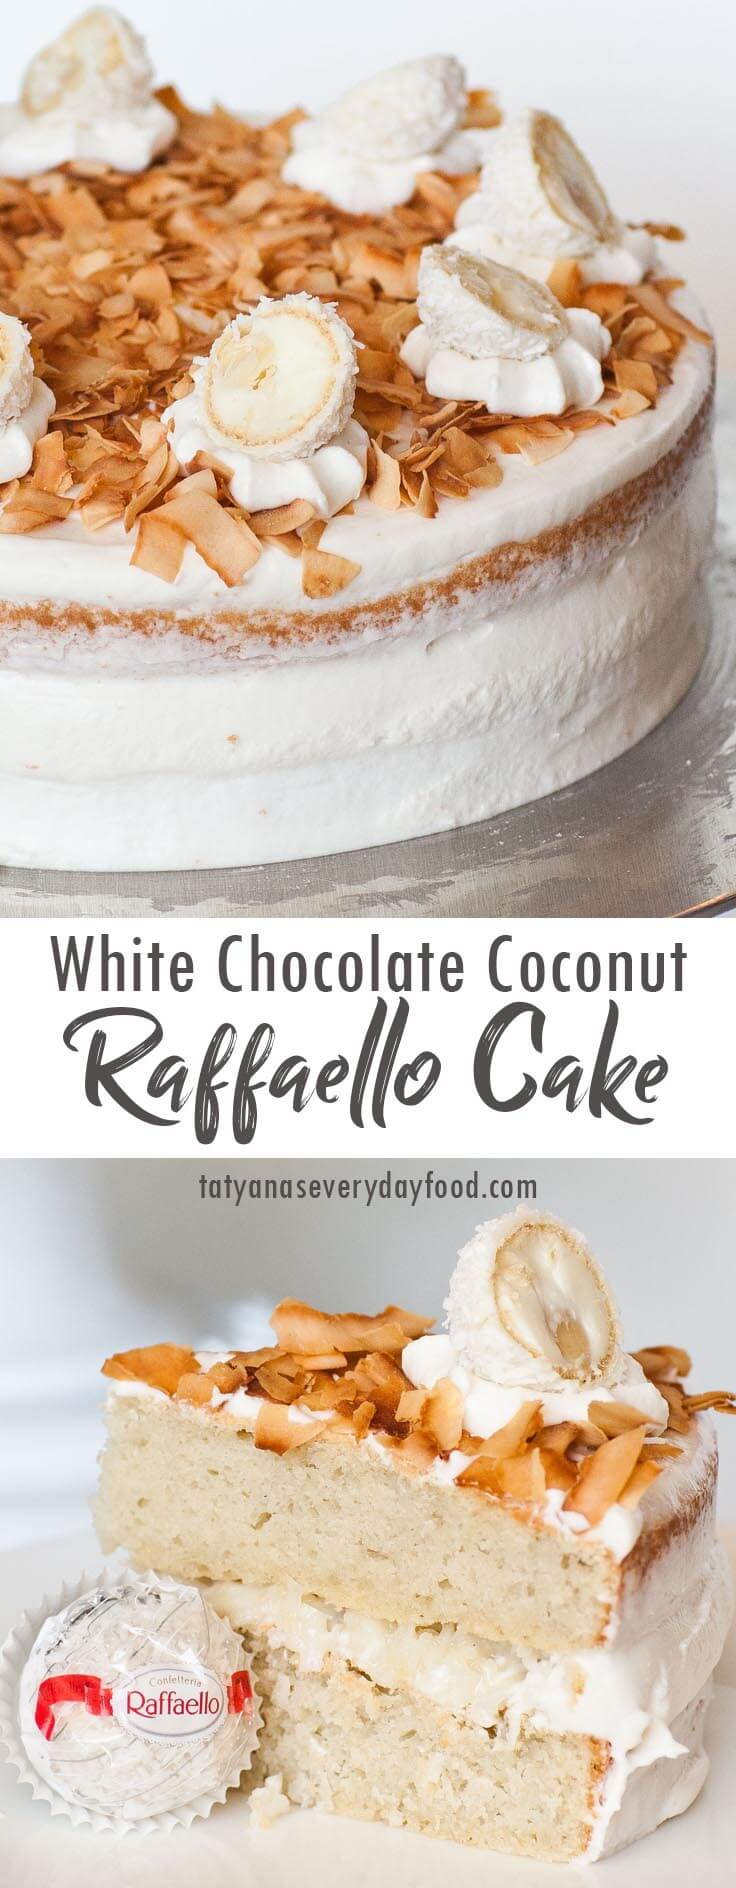 Rafaello Coconut Cake video recipe